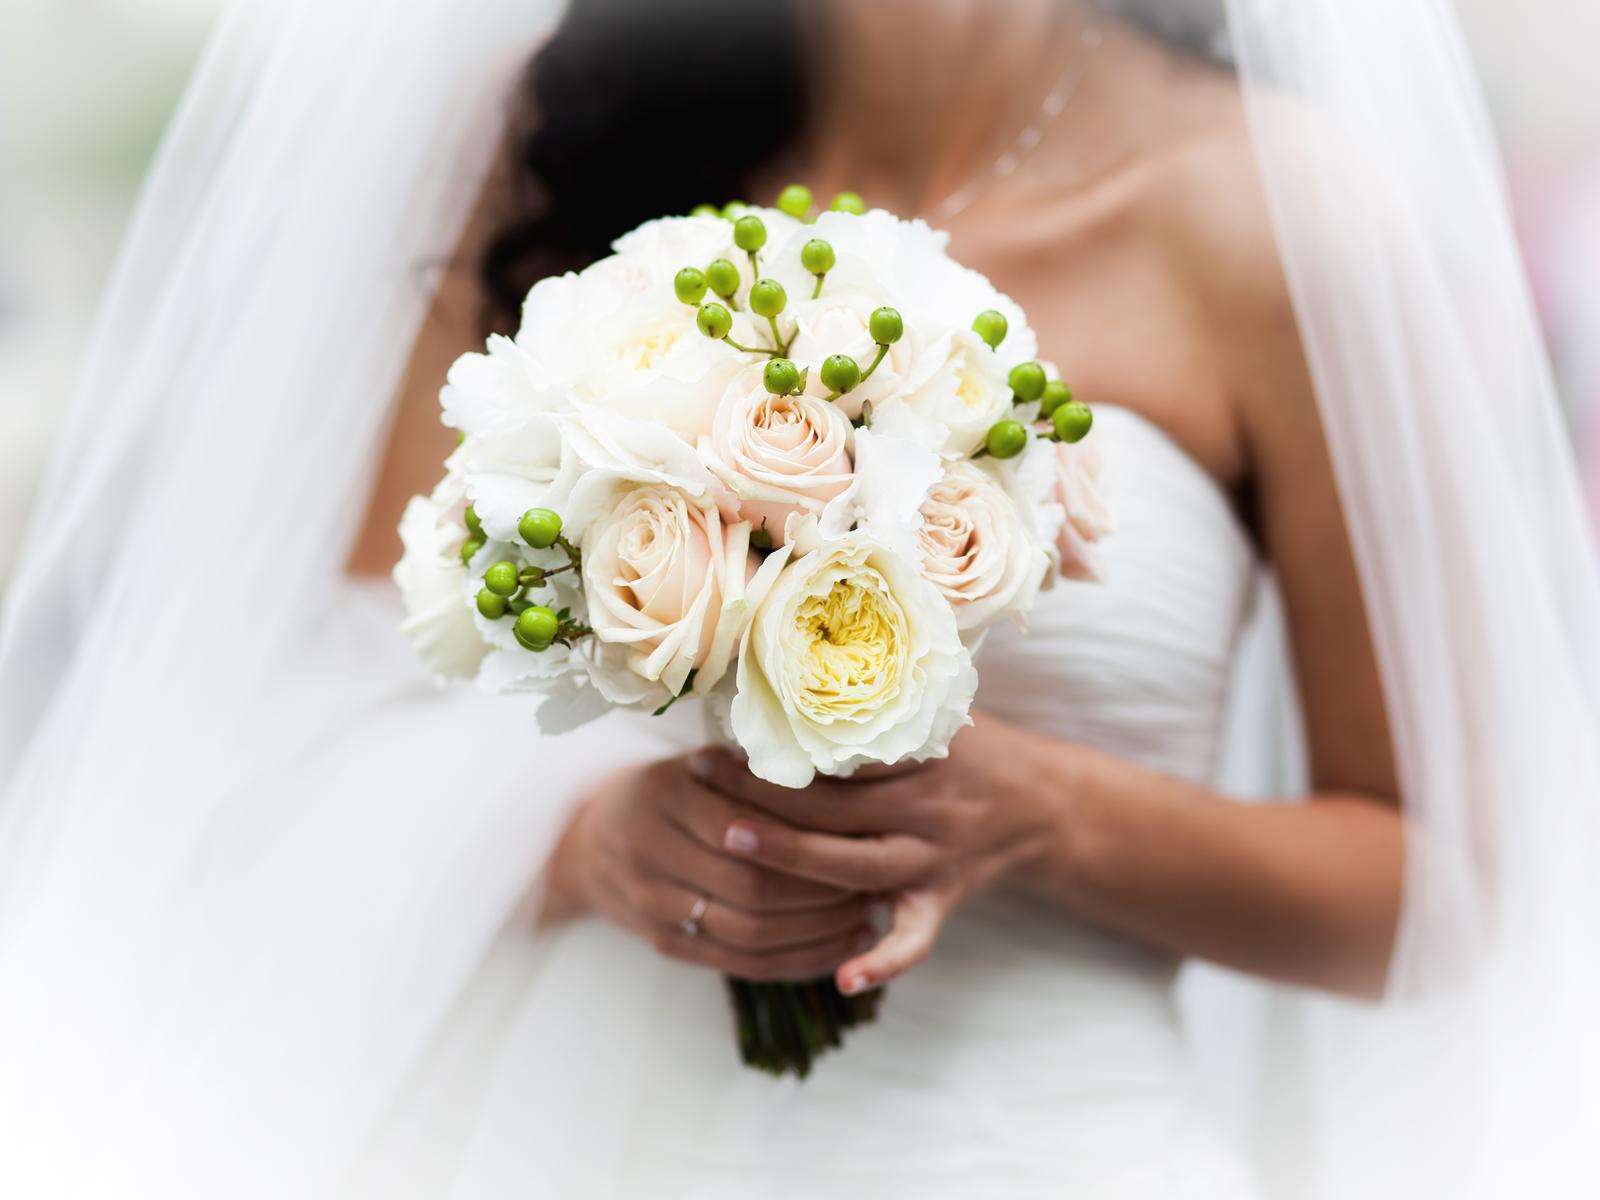 معايير اختيار باقة الورود المناسبة للعروس